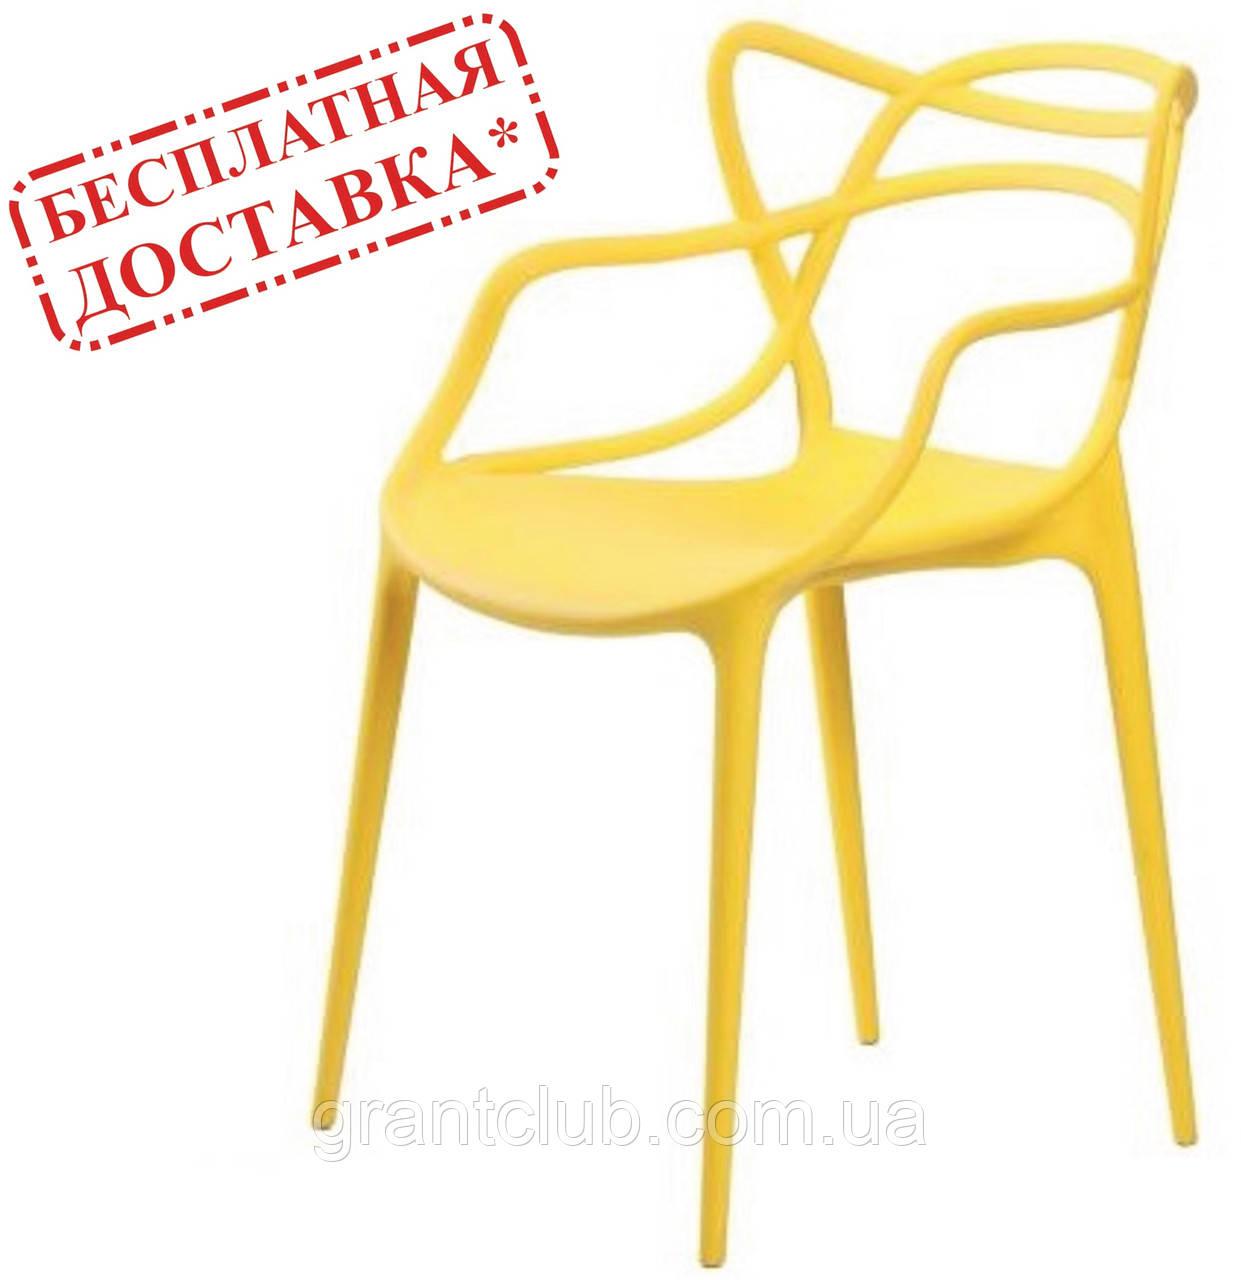 Стул Viti желтый пластик AMF (бесплатная адресная доставка)